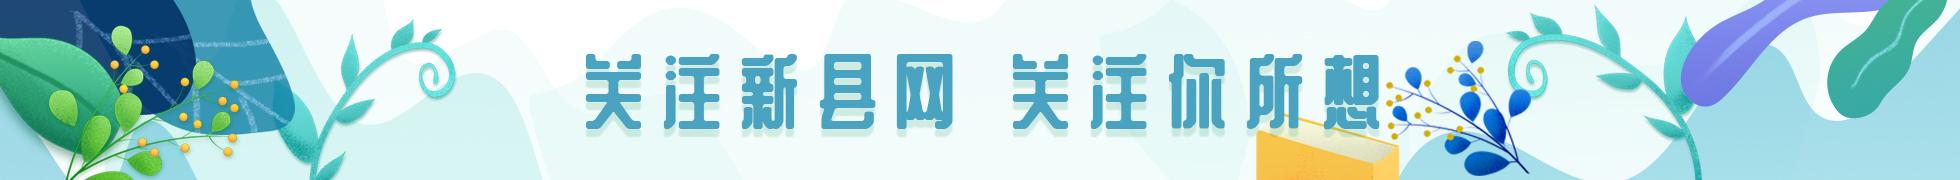 新县网微信宣传